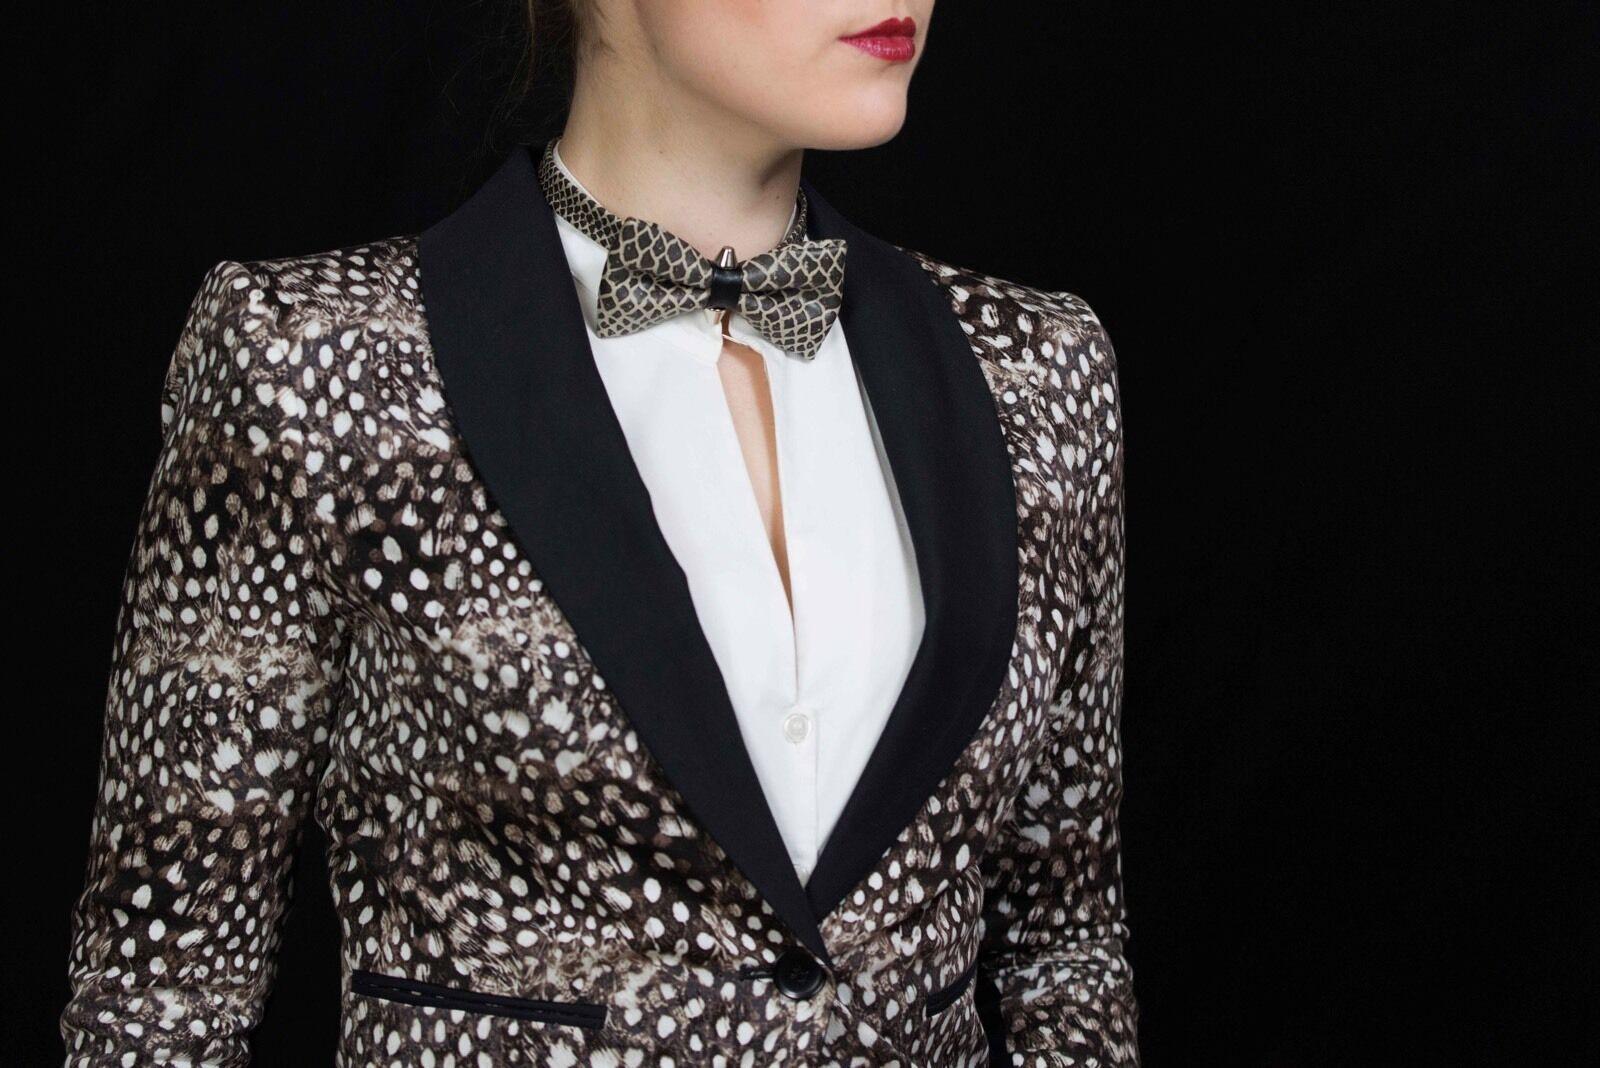 Bow Tie For Women Snakeskin W/ Studs